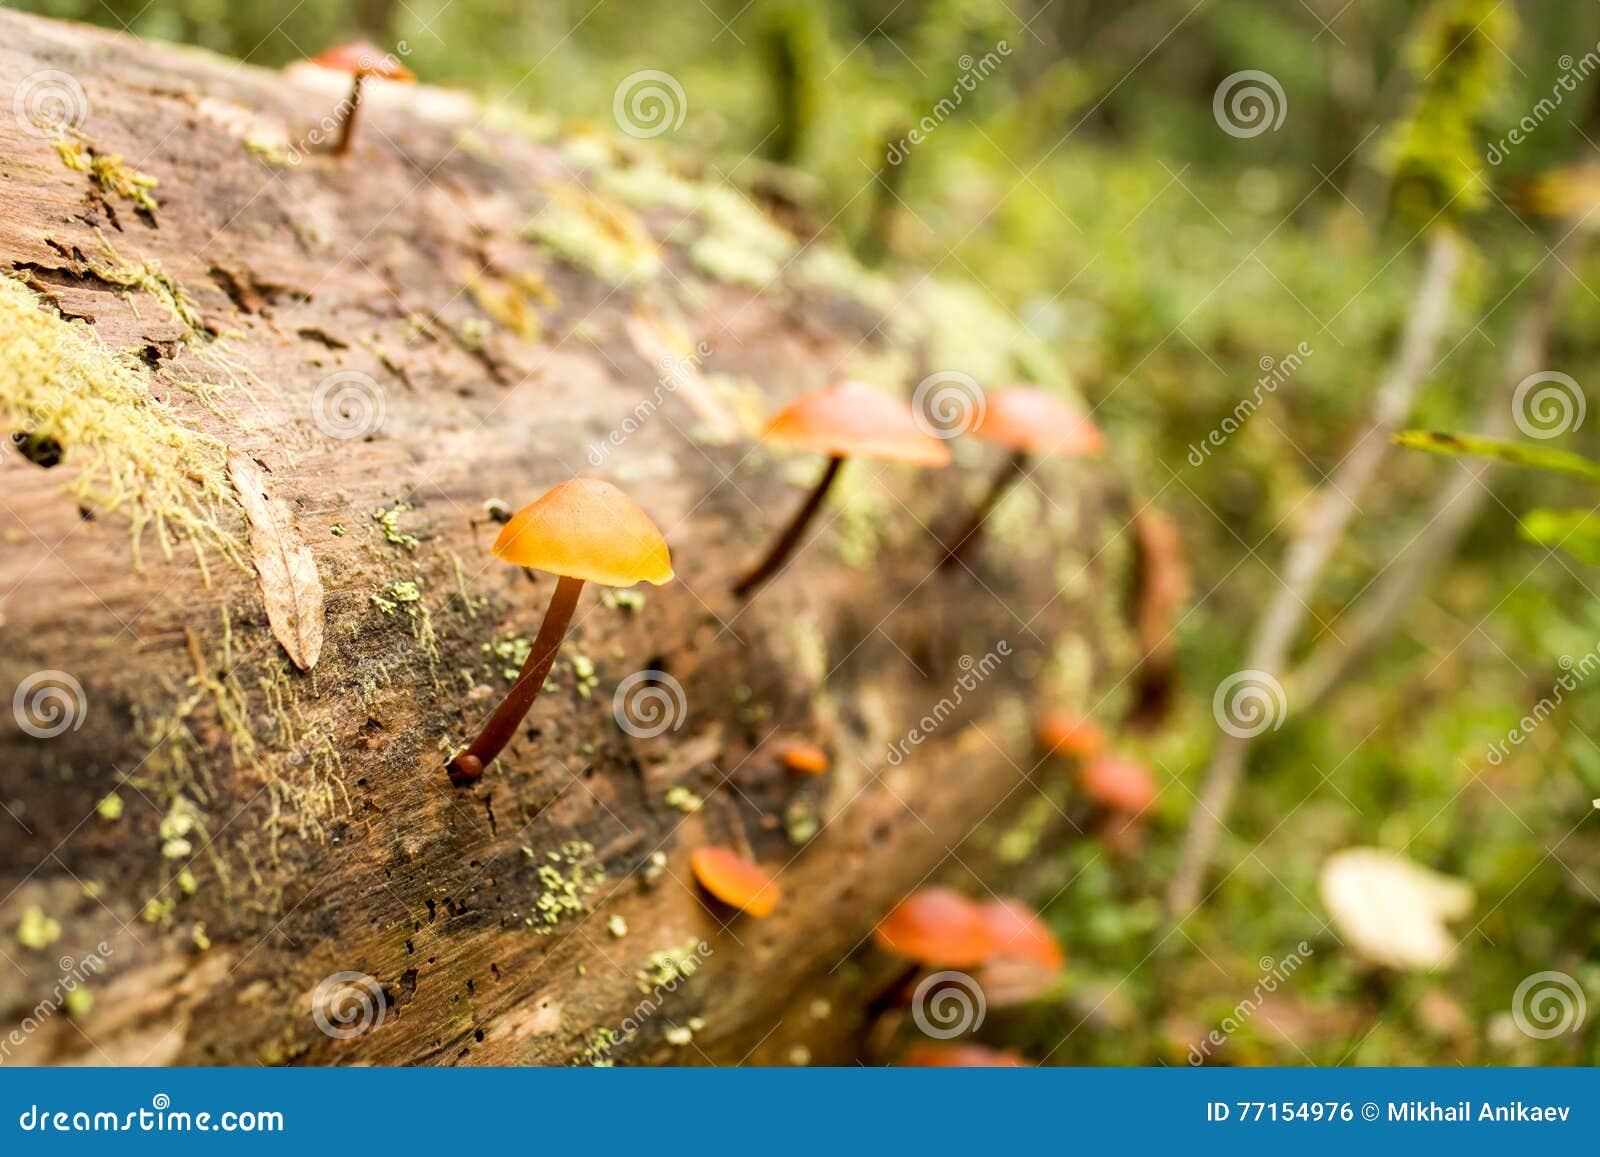 Fond de nature Moss Close Up View avec le petit champignon de champignons développé Macro détails Foyer sélectif